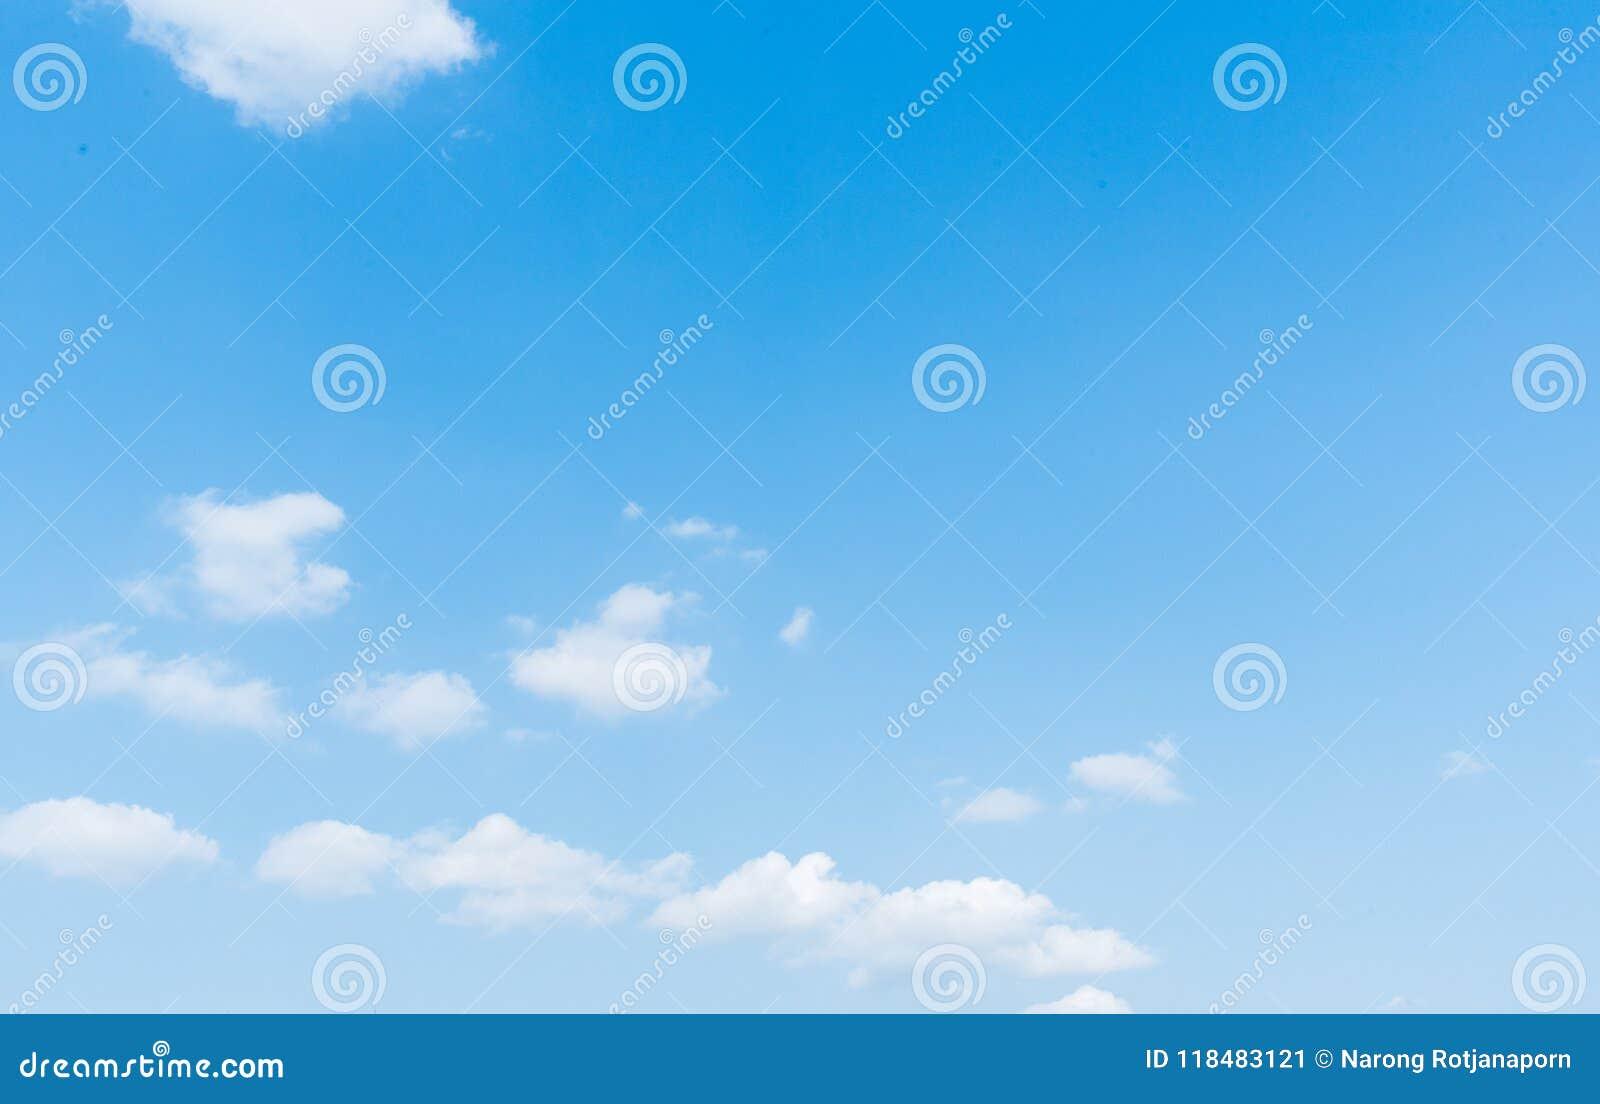 Cielo azul claro con el fondo de la nube